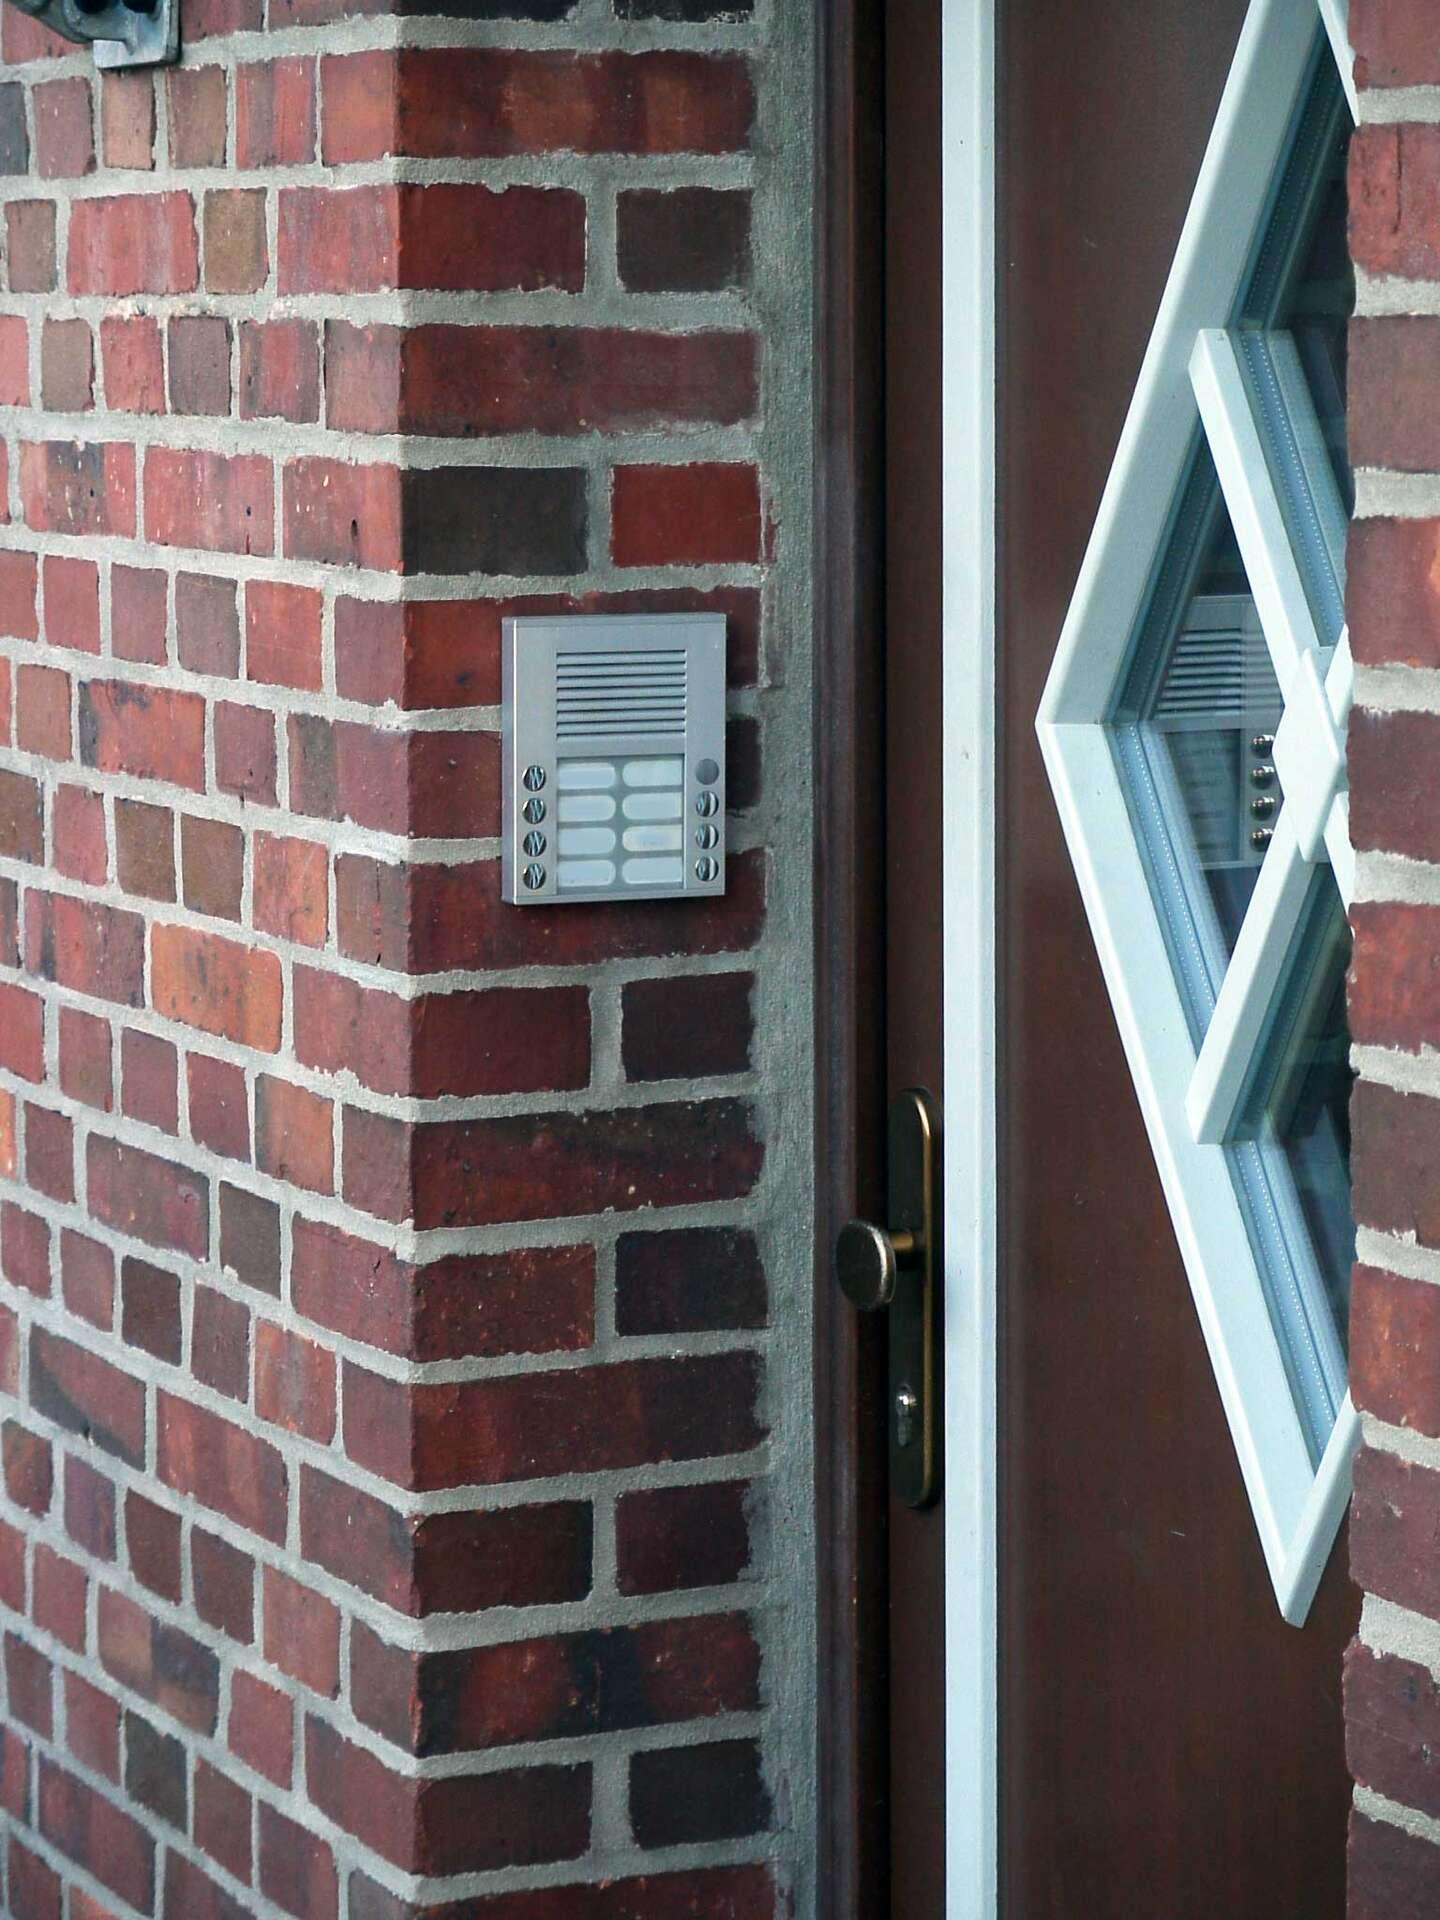 Une sonnette peut être individuelle ou faire partie d'un boîtier qui permet de contacter tous les résidents d'un bâtiment. © Ralf Roletschek, CC BY-SA 3.0, Wikimedia Commons